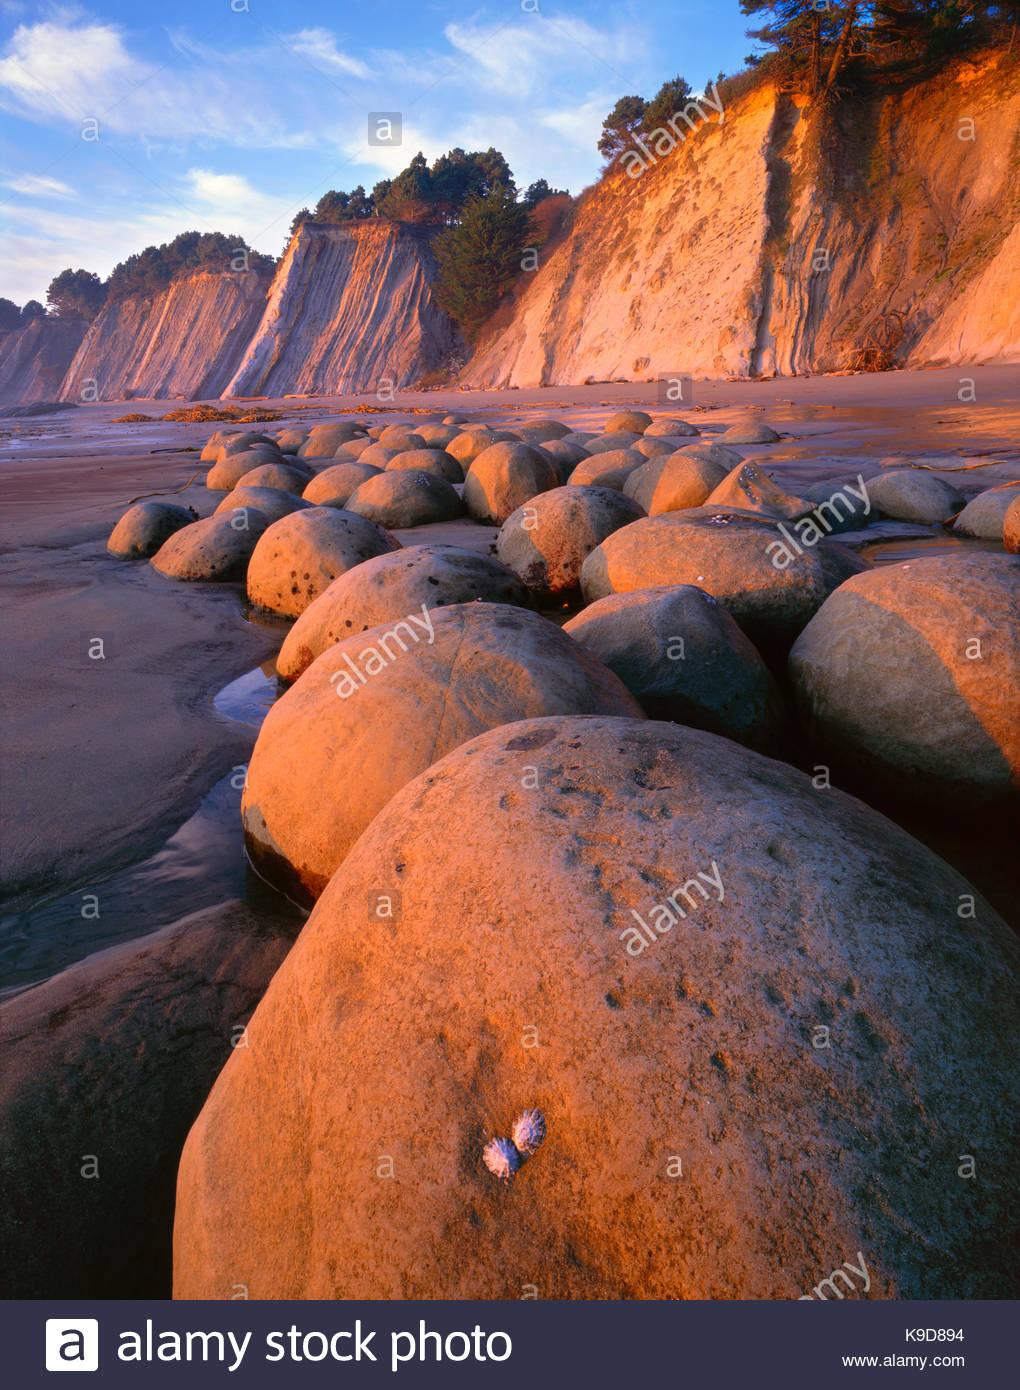 Sonnenuntergang auf Bowling Ball Strand, Schoner Gulch State Park, Mendocino Coast, Kalifornien Stockbild